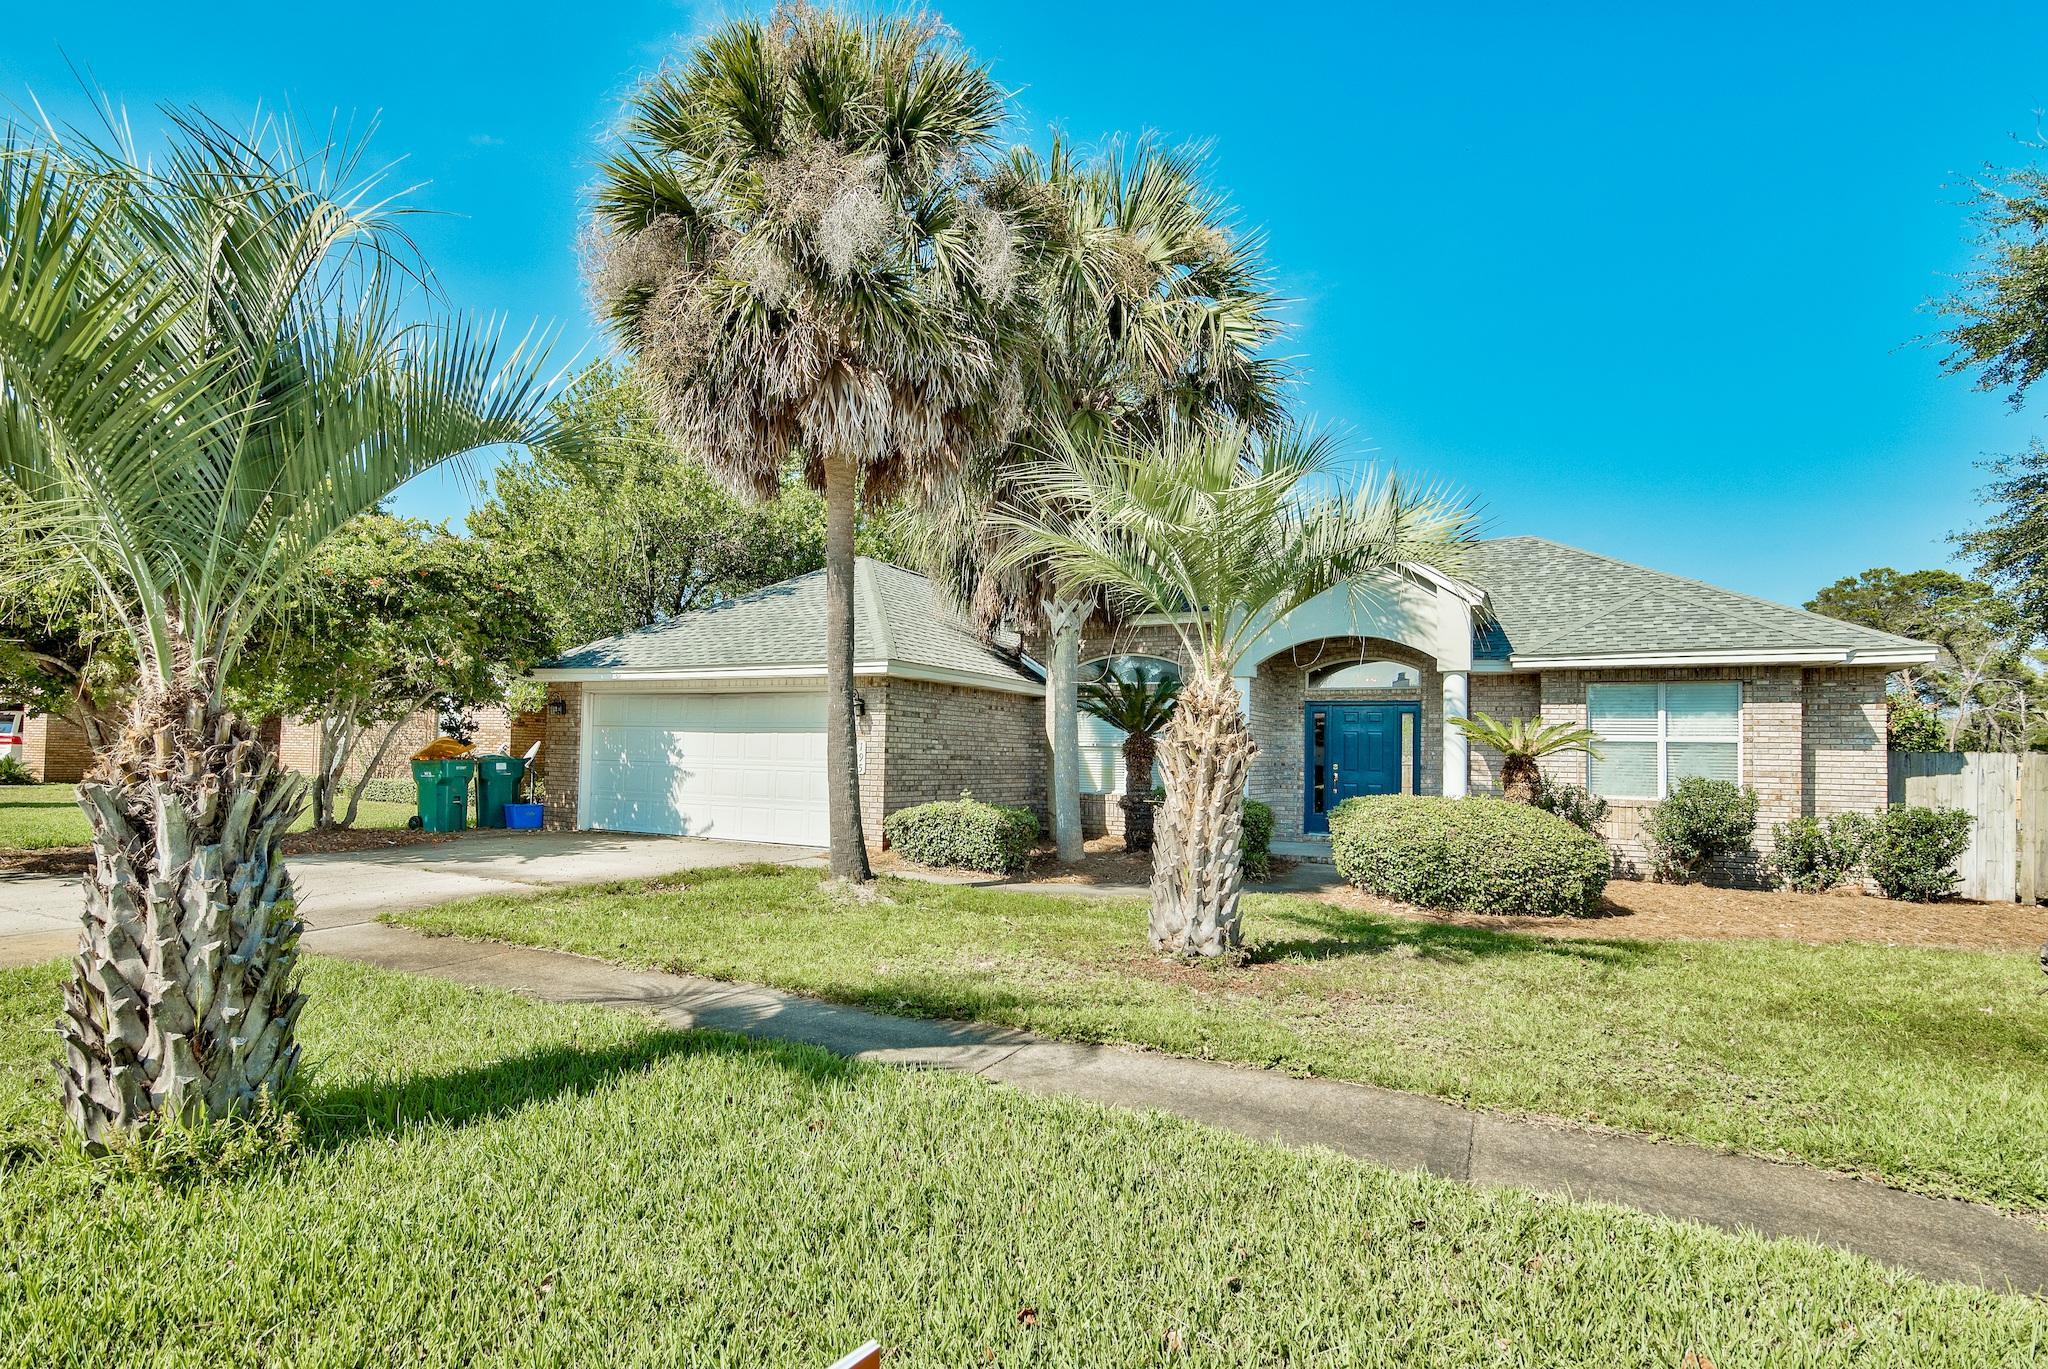 Photo of home for sale at 195 Kel Wen, Destin FL